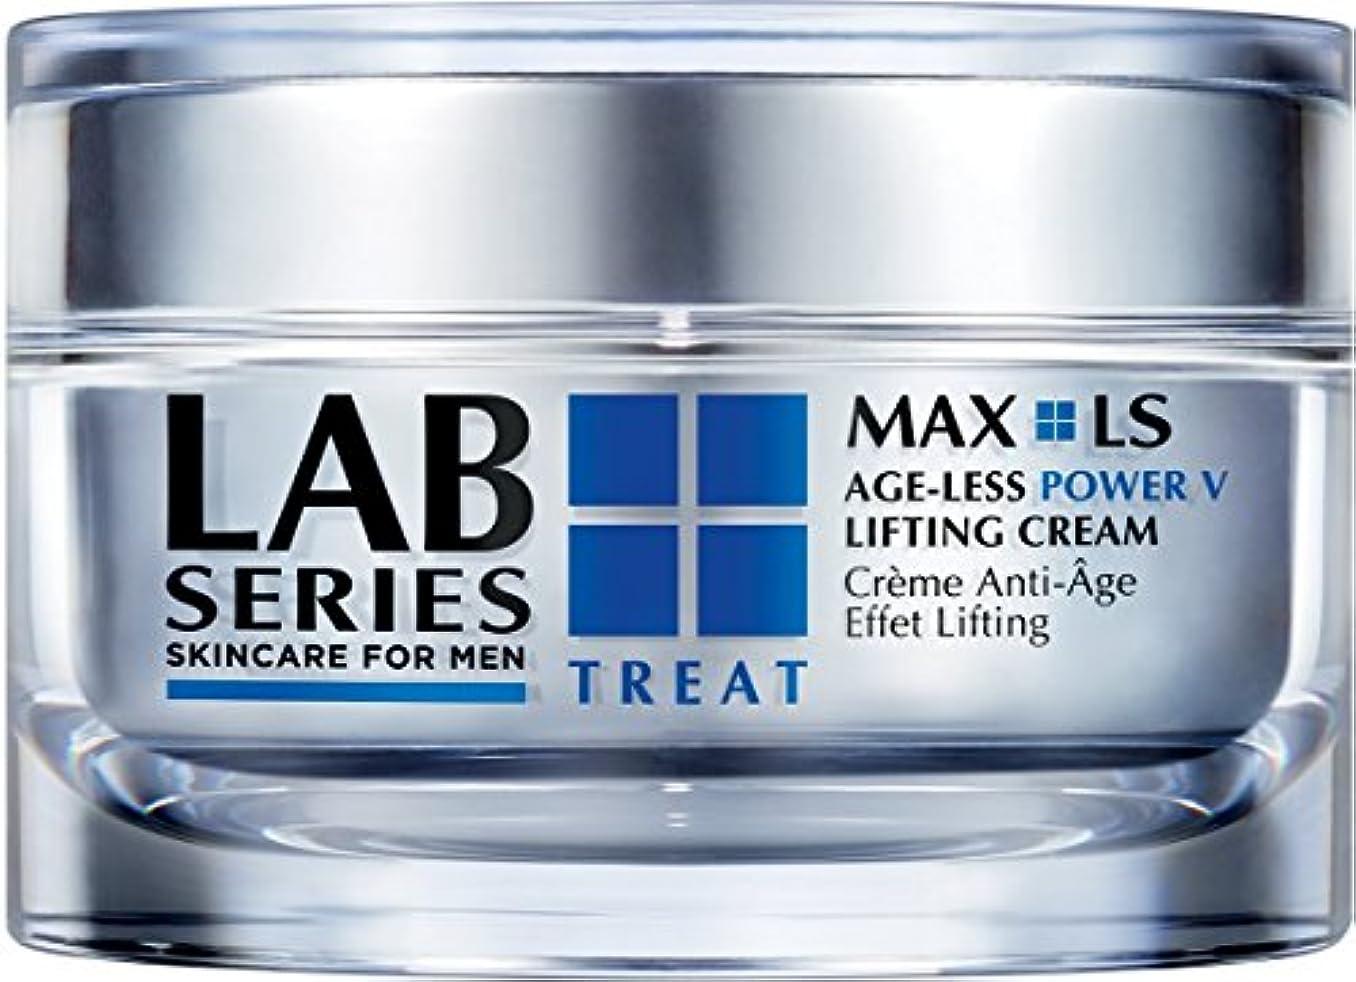 妊娠した単に書くラボシリーズ (LAB SERIES) マックス LS V クリーム 50mL